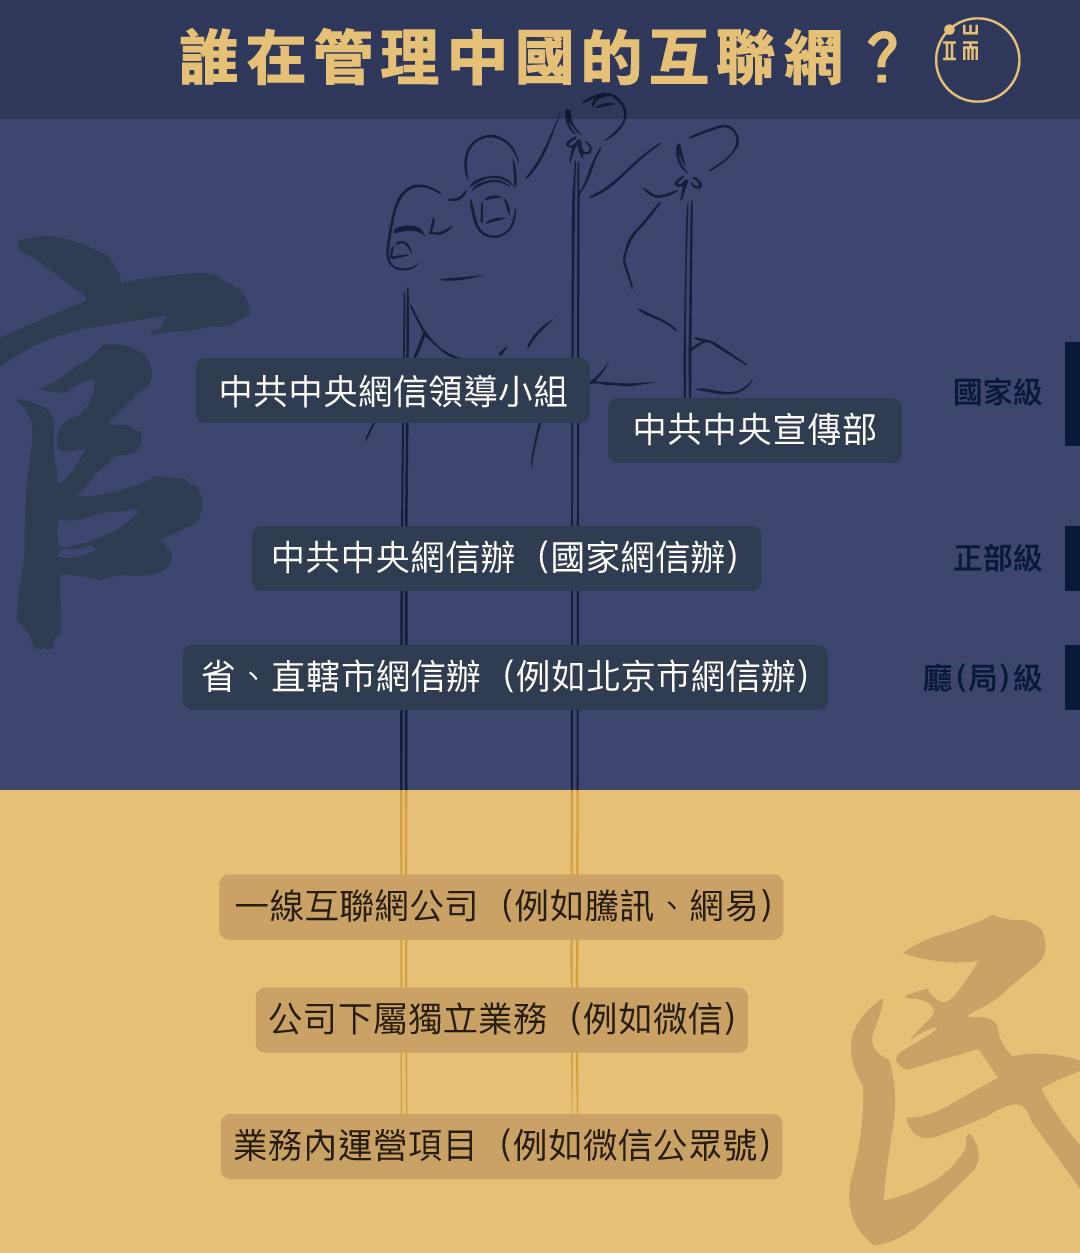 誰在管理中國的互聯網?